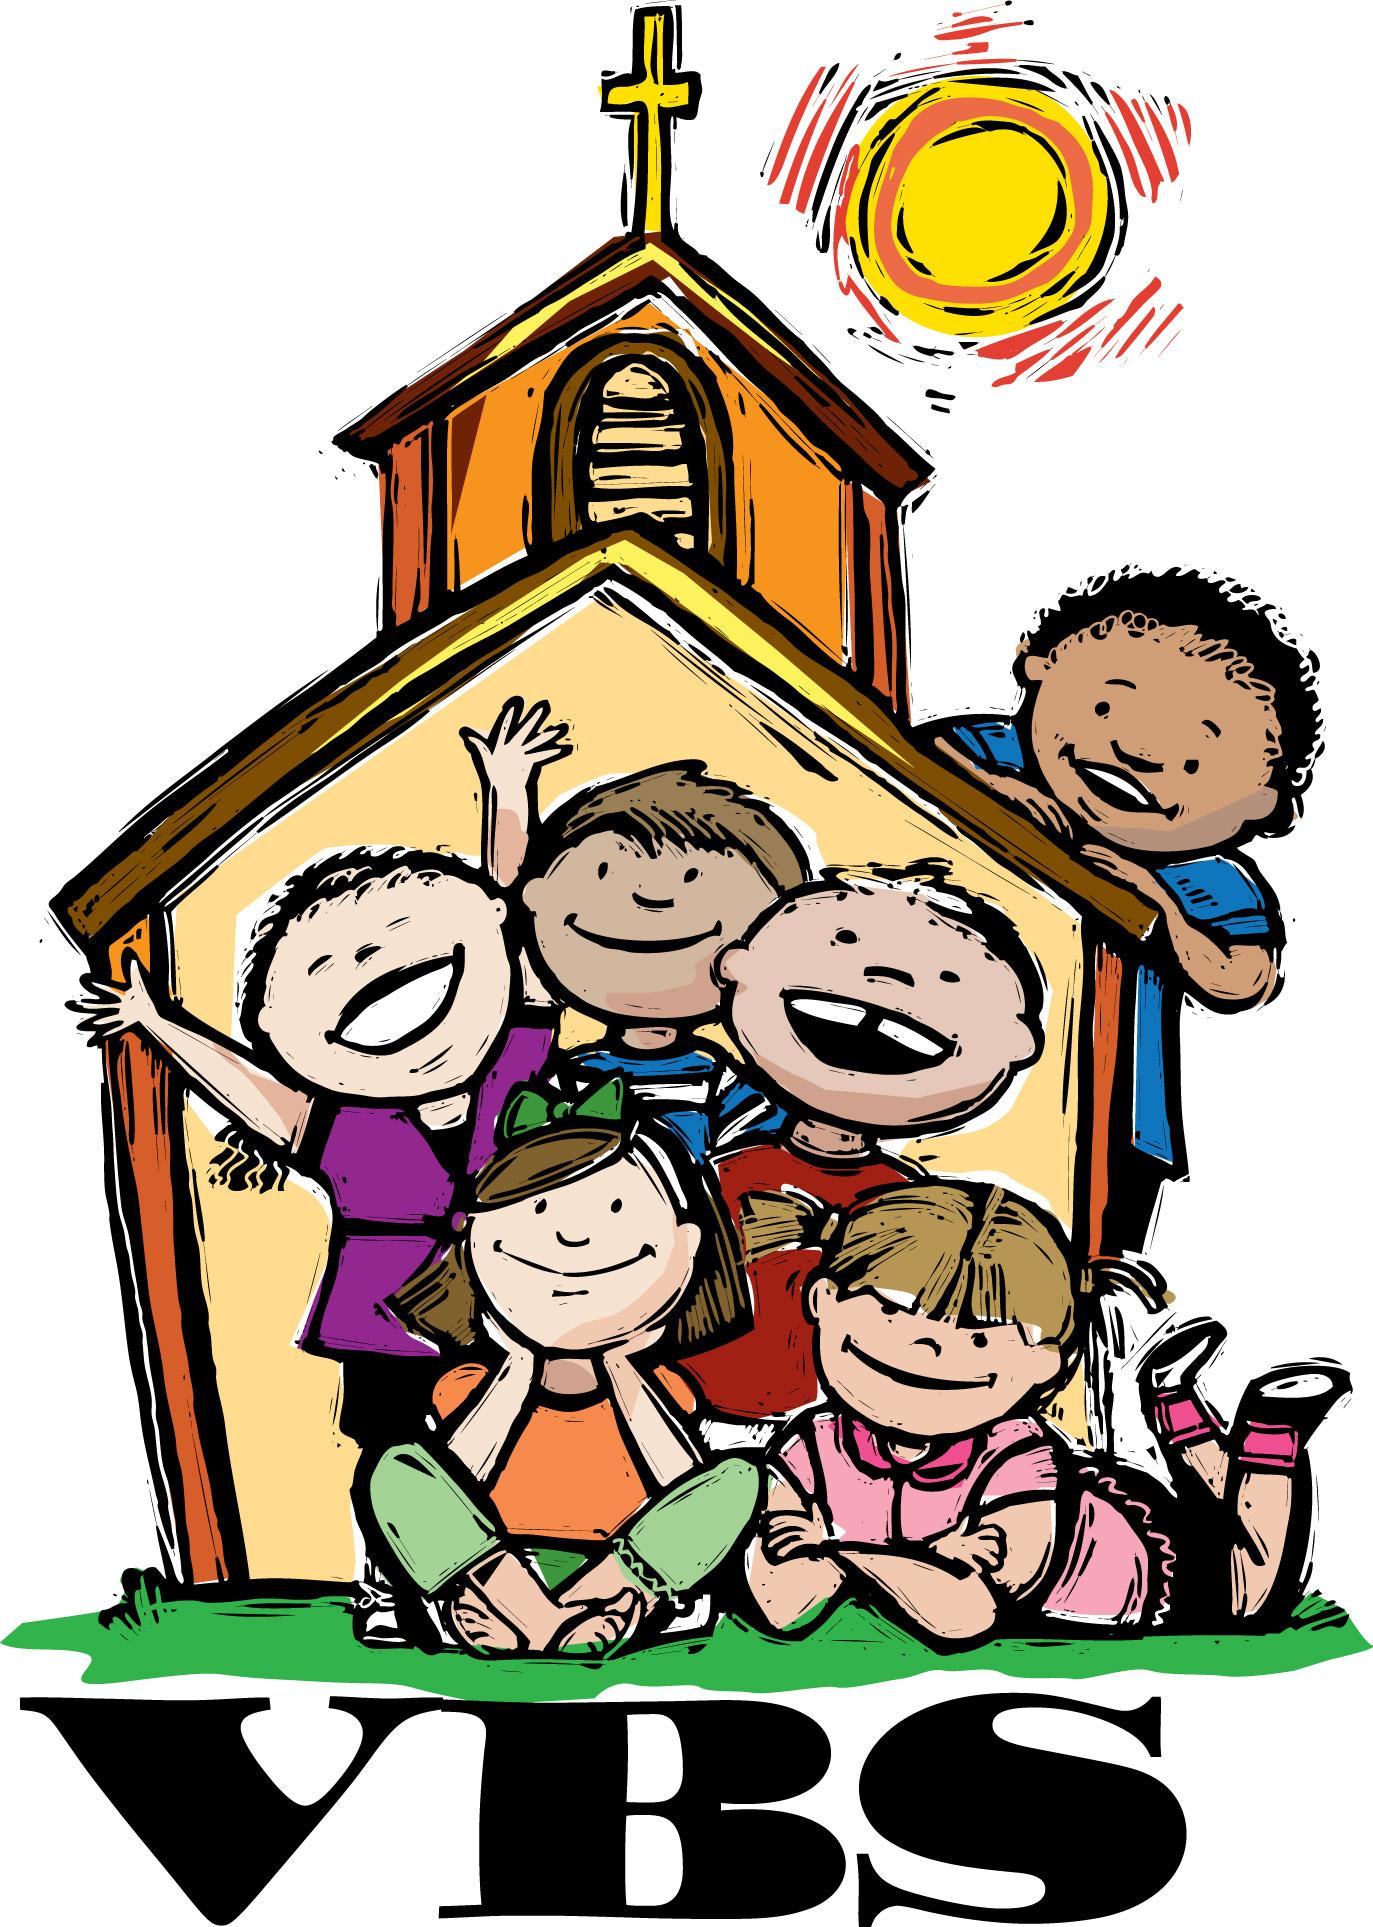 Sunday School Clip Art Clipar - Vbs Clipart